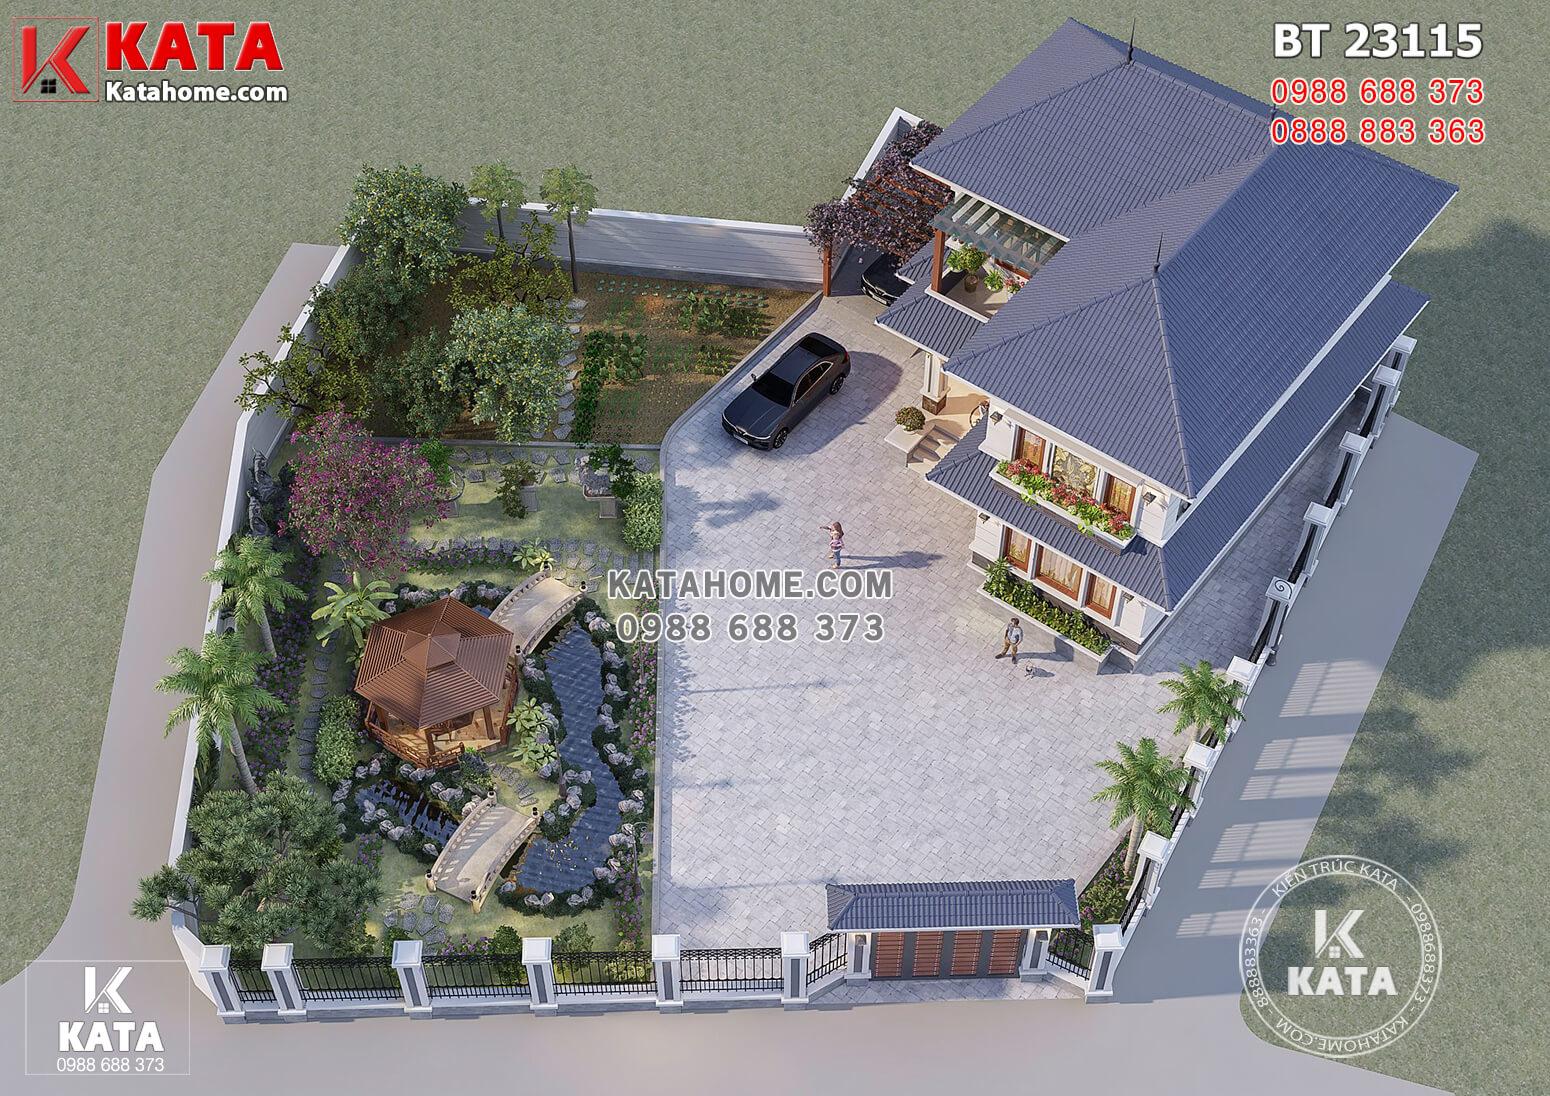 Toàn cảnh mẫu thiết kế nhà vườn chữ L khi nhìn từ trên cao xuống